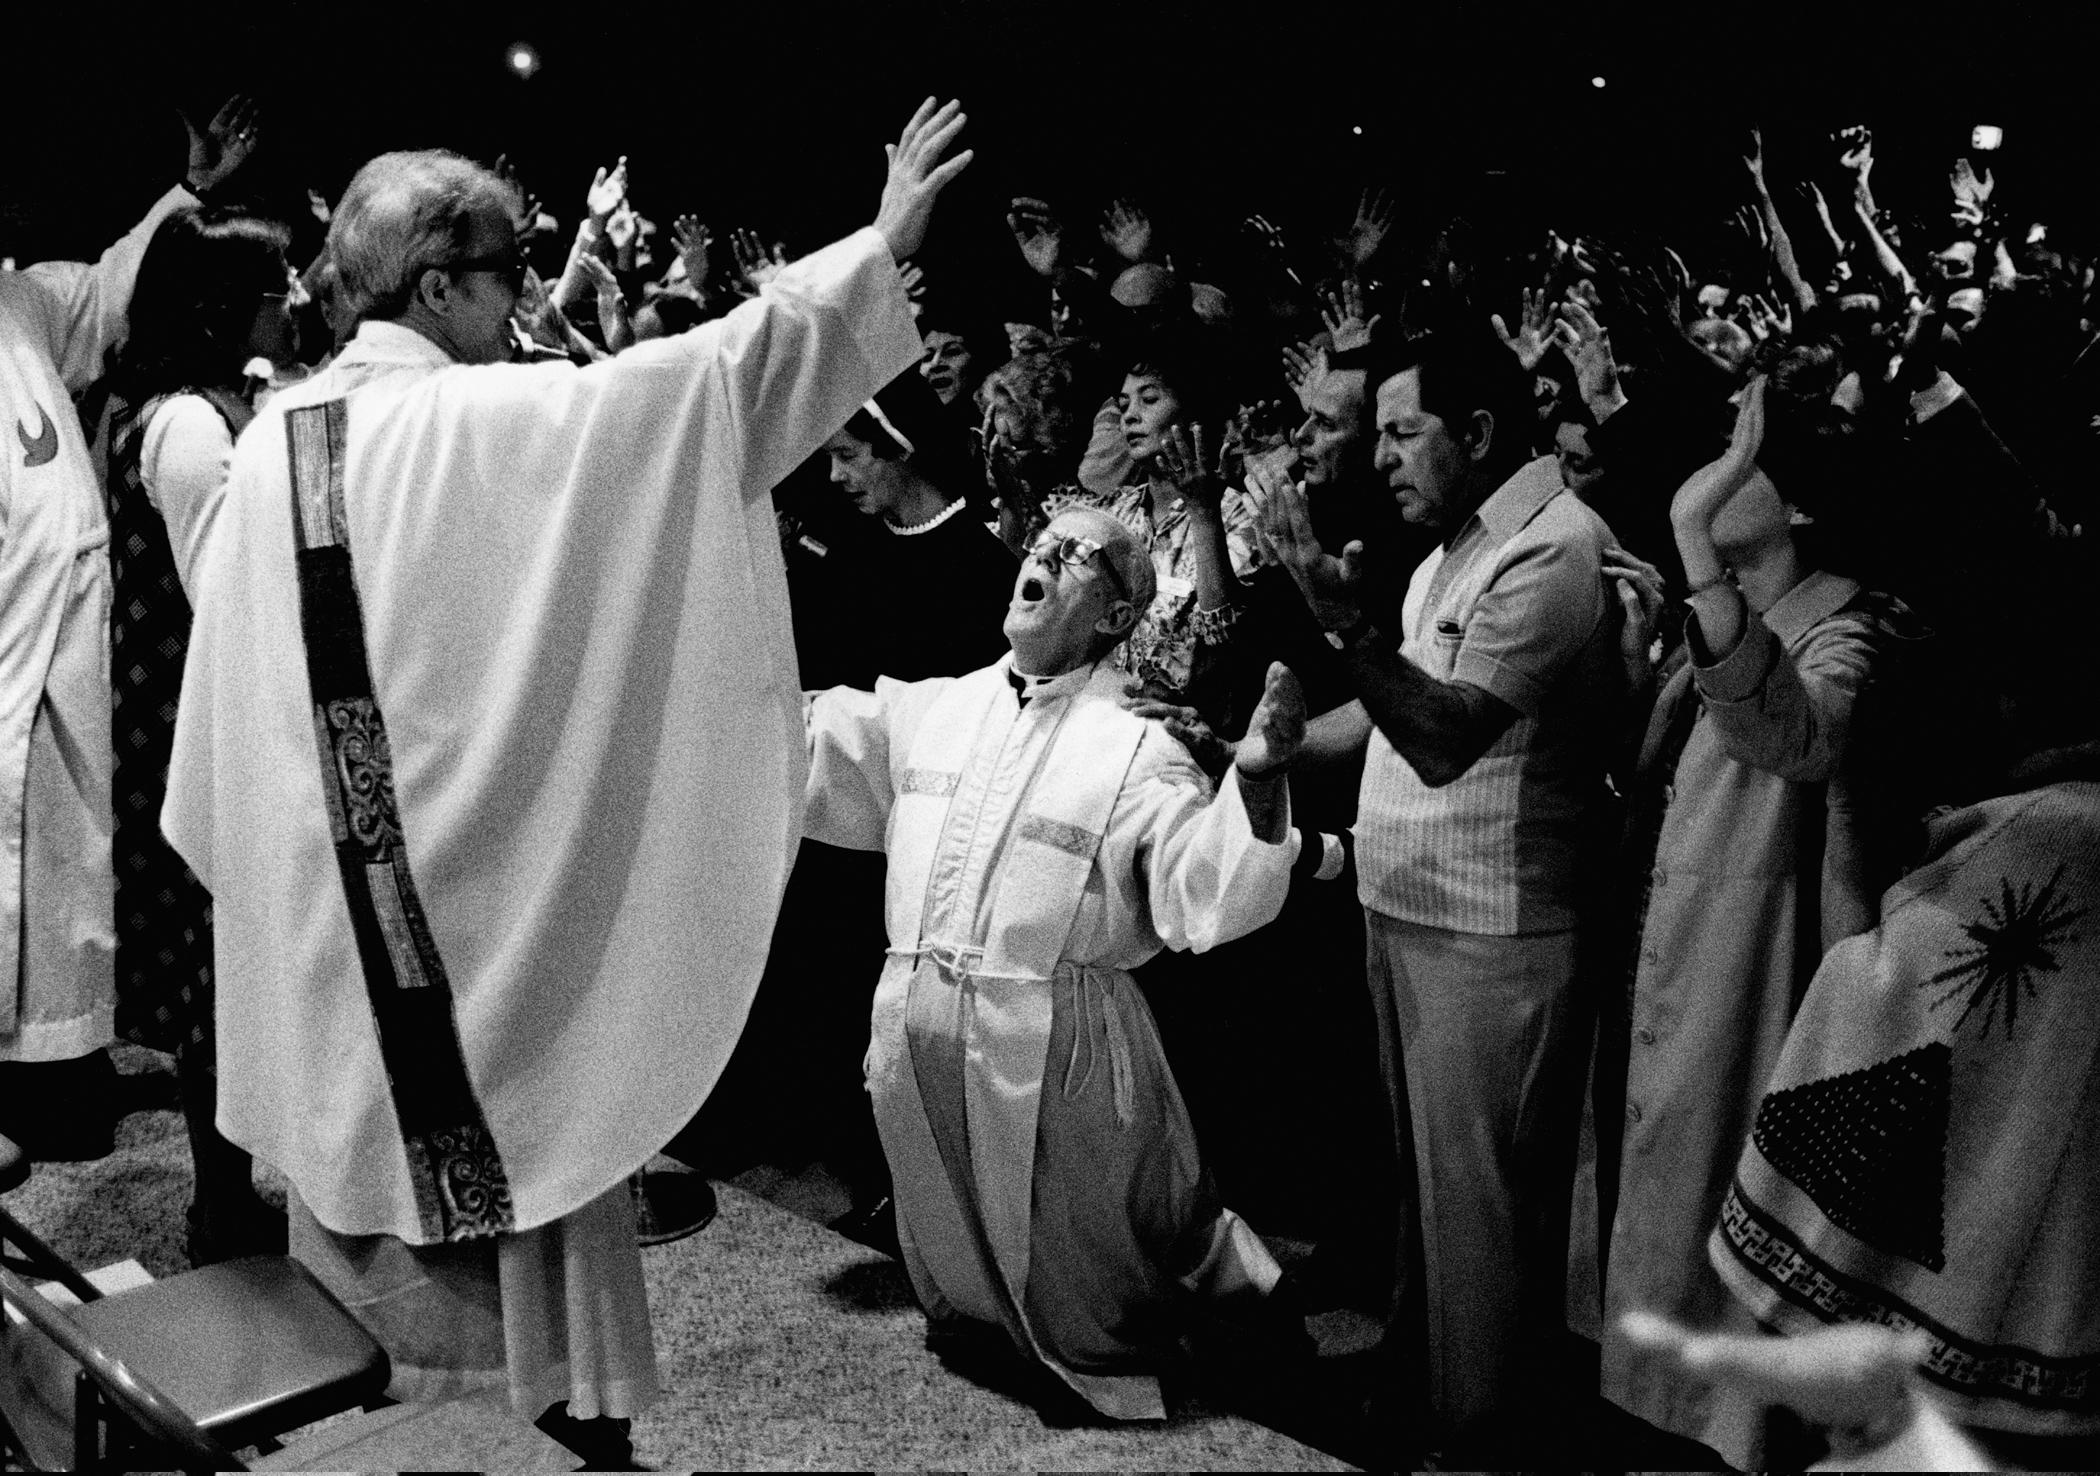 Charismatic Catholic congregation